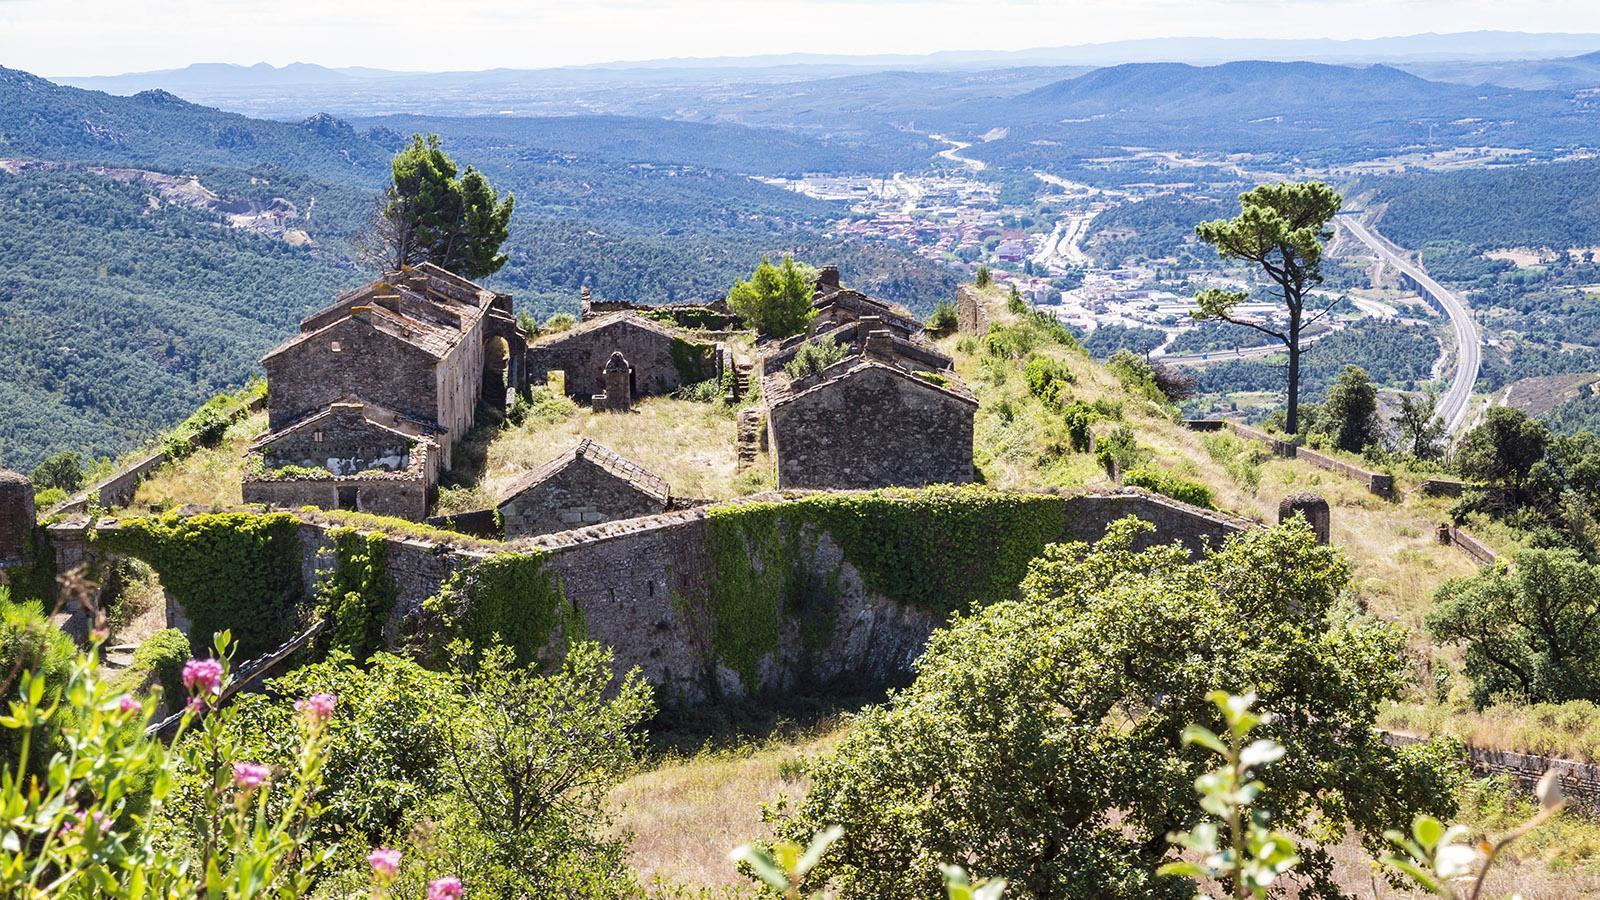 Der Ausblick Richtung Süden mit La Jonquera. Foto: Hilke Maunder